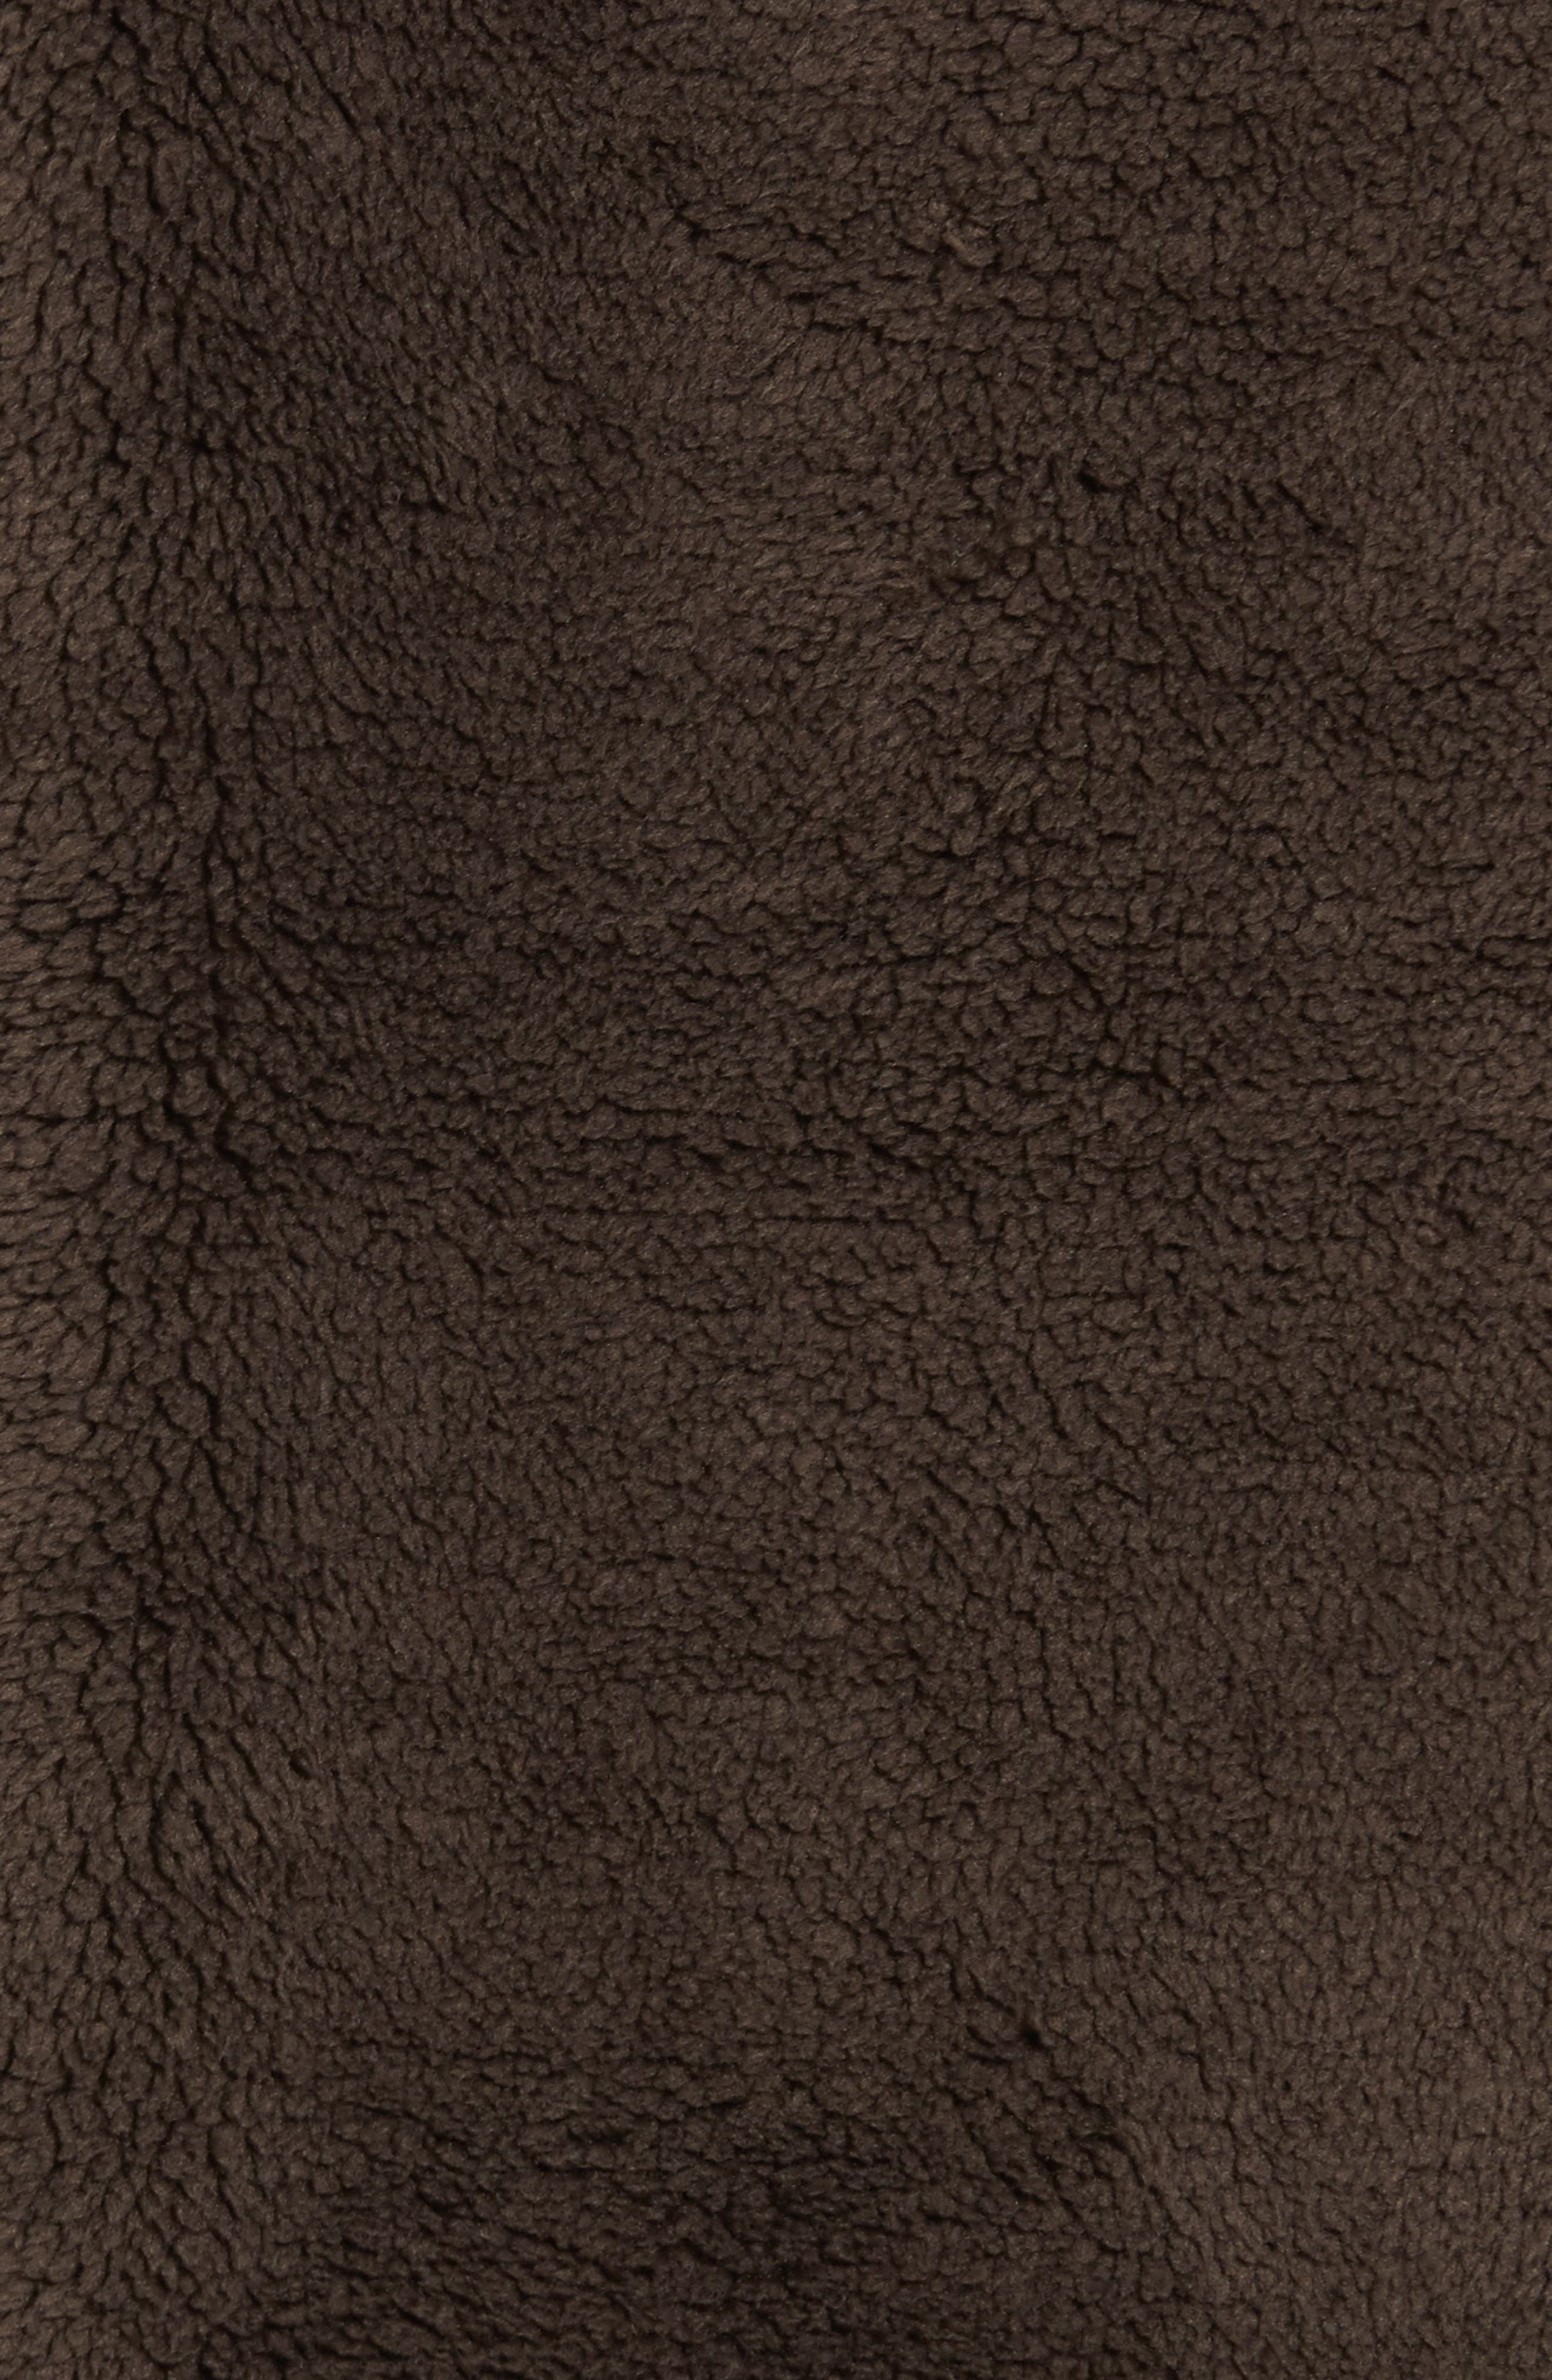 Pebble Pile Quarter Zip Pullover,                             Alternate thumbnail 5, color,                             VINTAGE BR